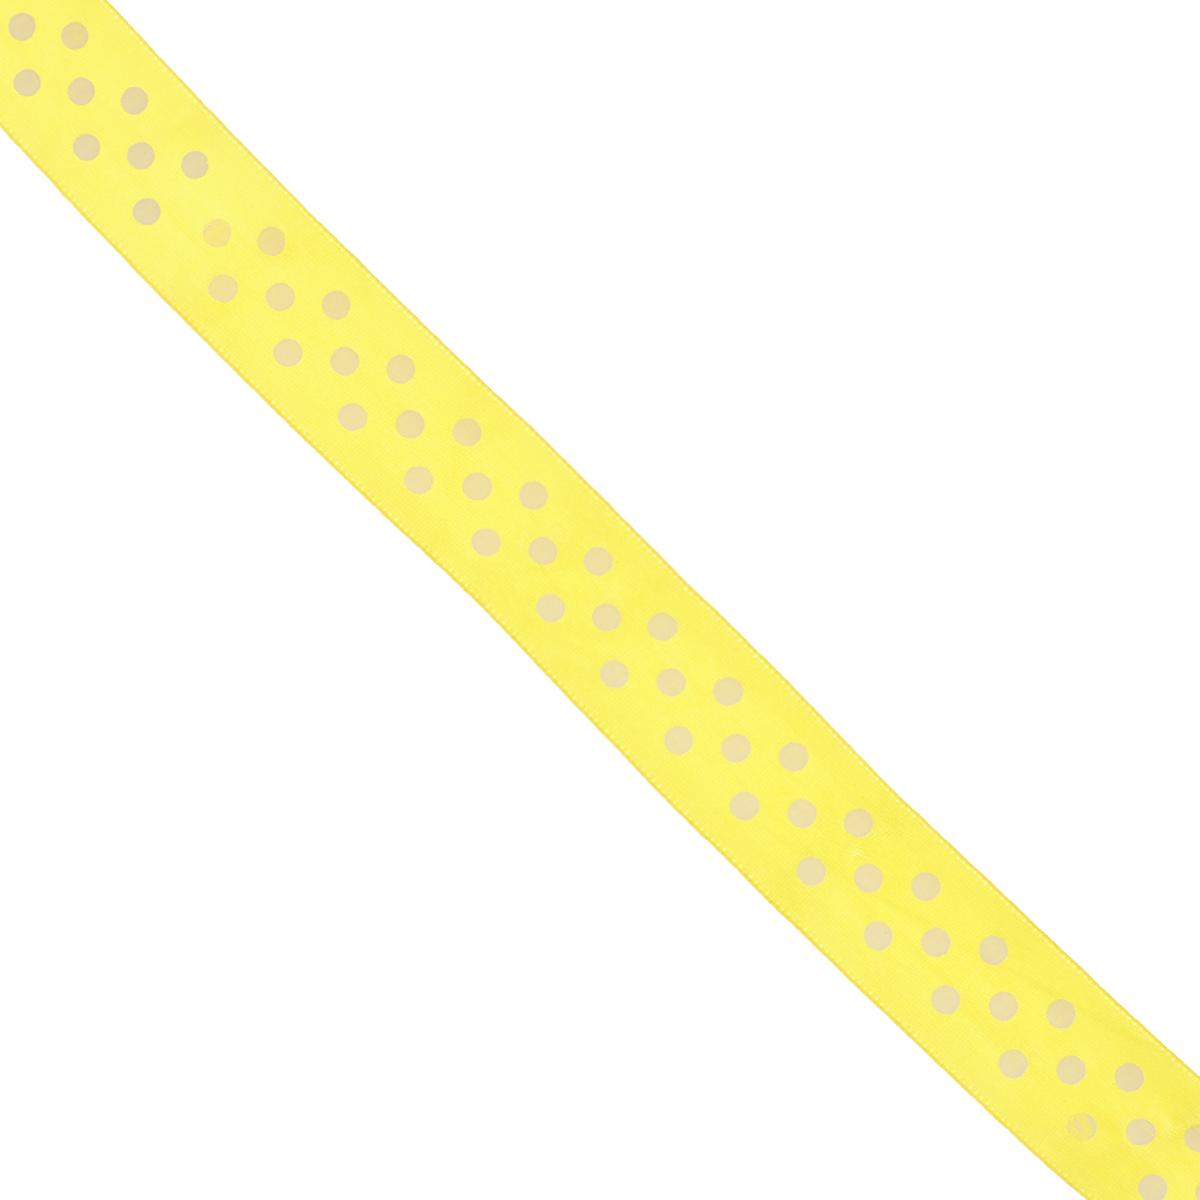 Лента атласная Dekor Line Горошек, цвет: желтый, белый, ширина 2,5 см, длина 3 м7710569_желтыйАтласная лента Dekor Line Горошек выполнена из высококачественного полиэстера. Область применения атласной ленты весьма широка. Лента предназначена для оформления цветочных букетов, подарочных коробок, пакетов. Кроме того, она с успехом применяется для художественного оформления витрин, праздничного оформления помещений, изготовления искусственных цветов. Ее также можно использовать для творчества в различных техниках, таких как скрапбукинг, оформление аппликаций, для украшения фотоальбомов, подарков, конвертов, фоторамок, открыток и прочего. Ширина ленты: 2,5 см. Длина ленты: 3 м.